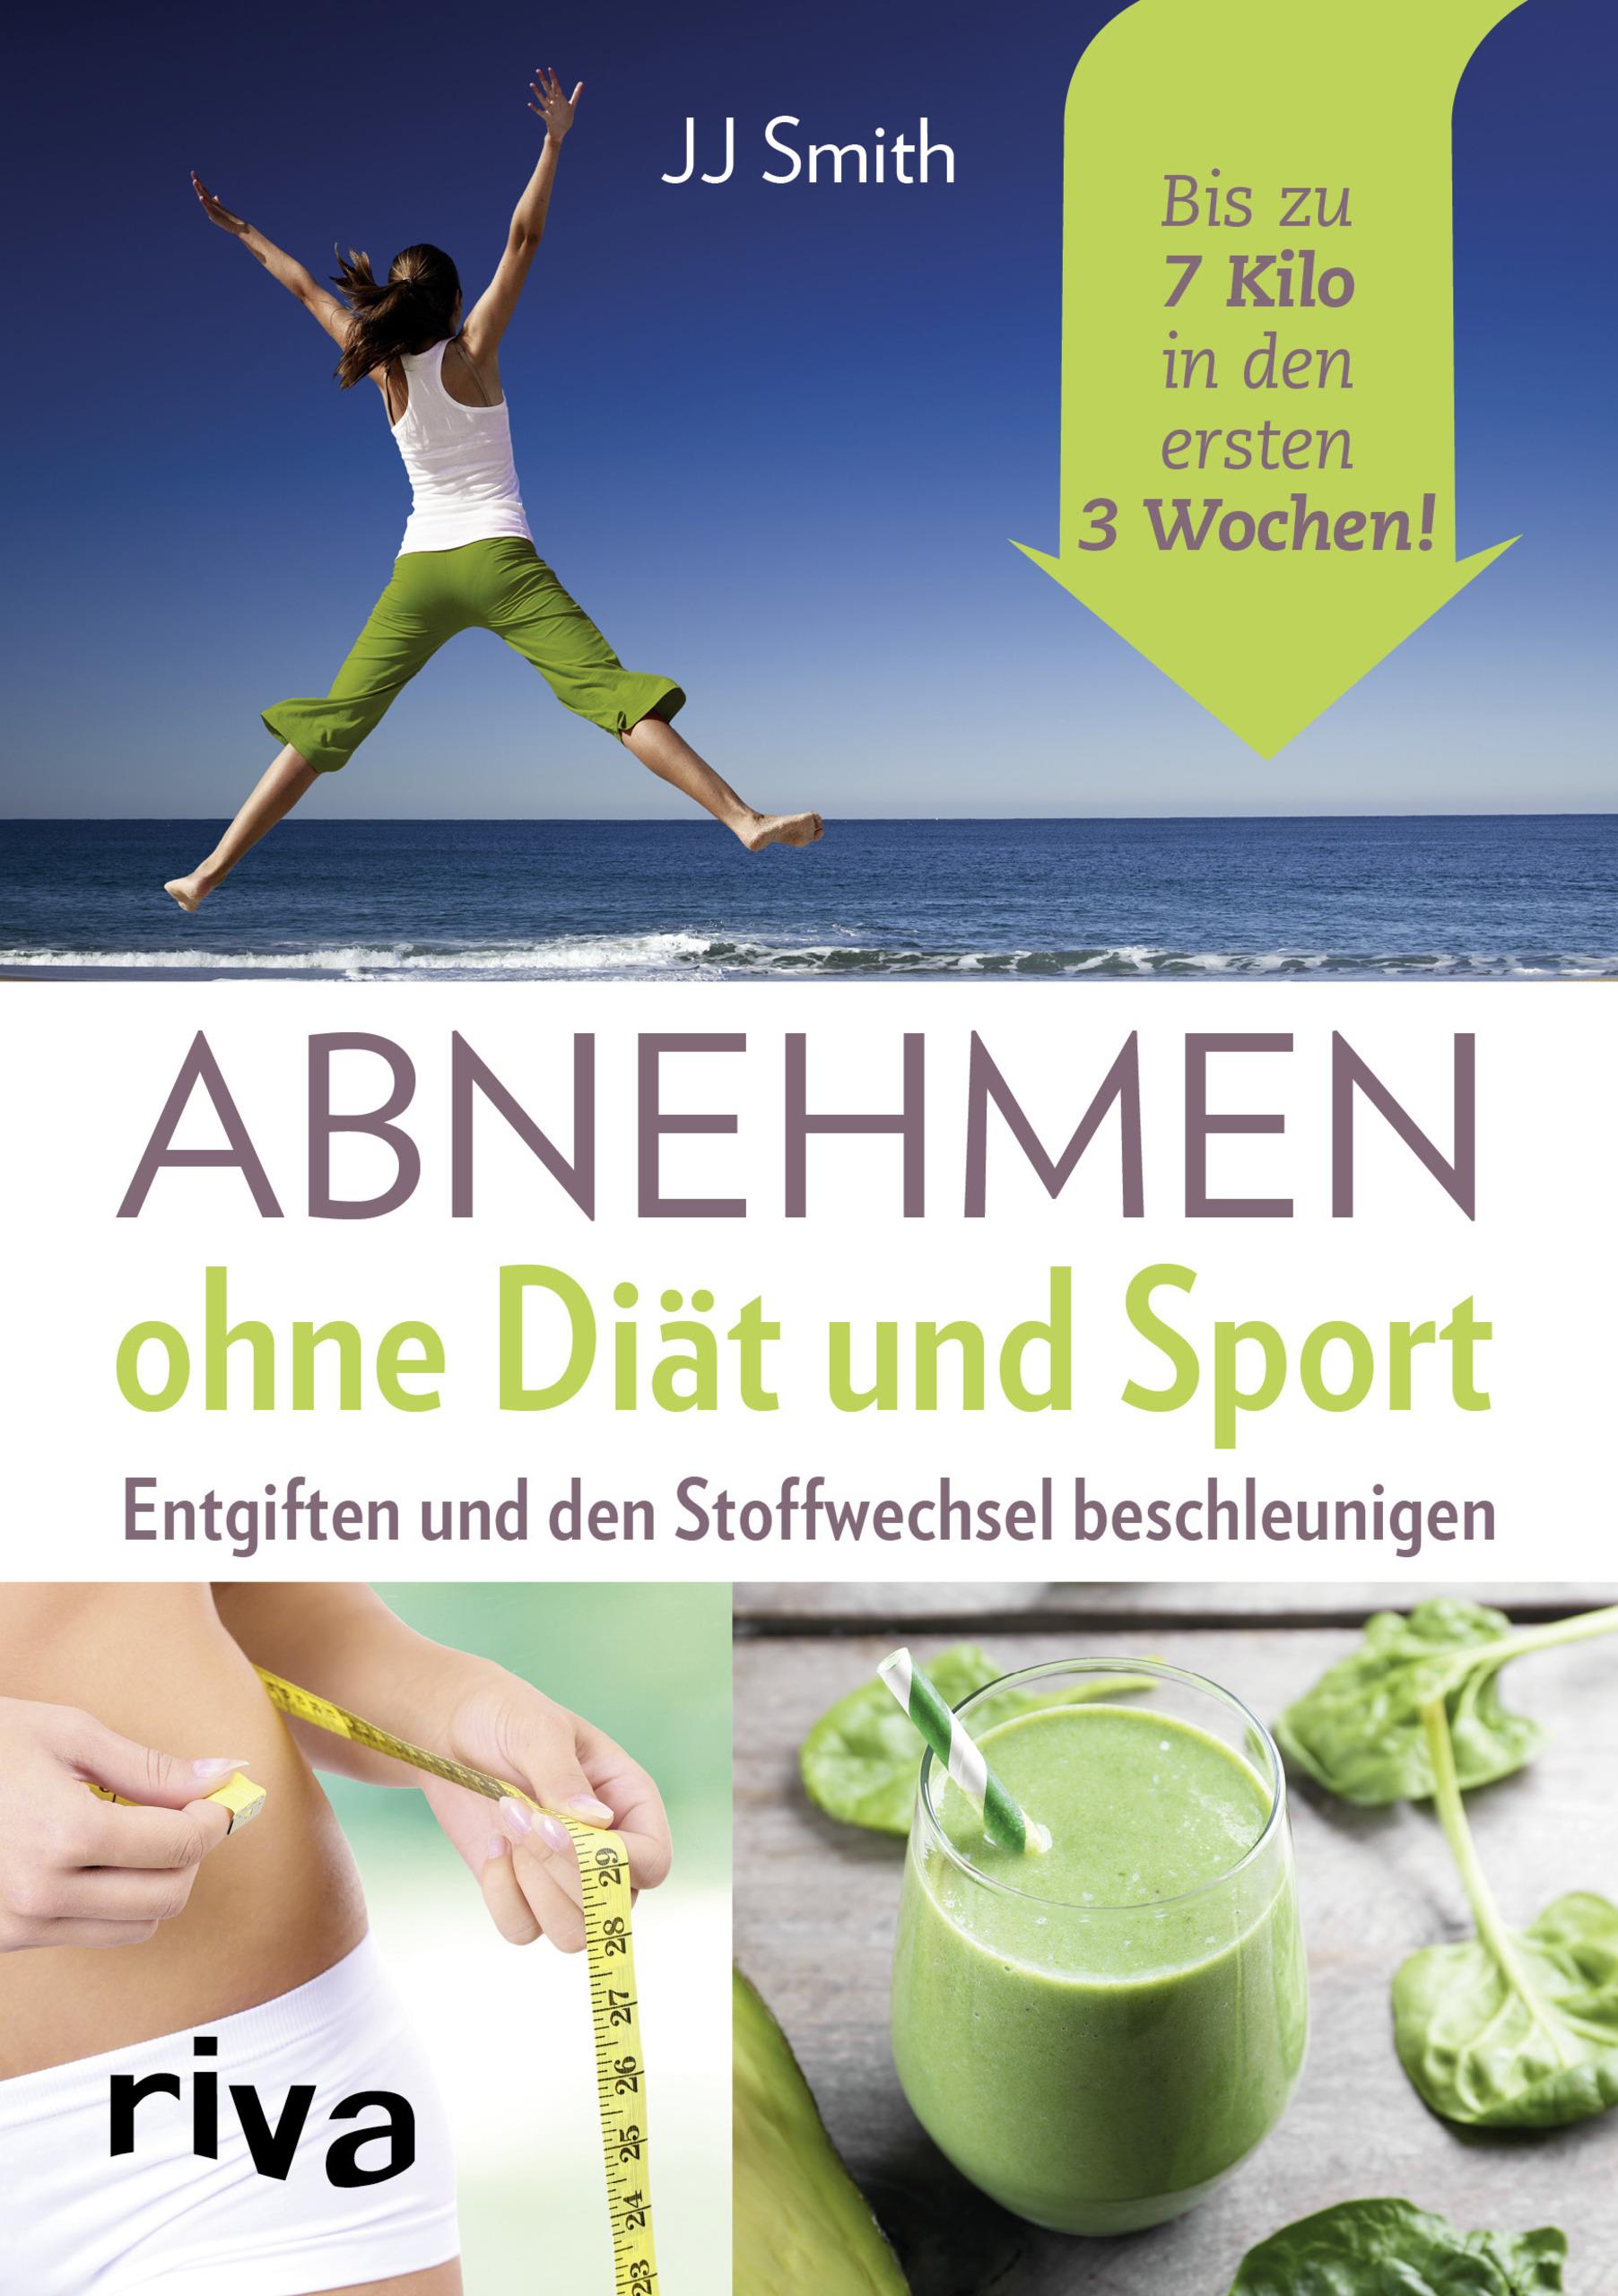 Abnehmen ohne Diät und Sport, Jj Smith